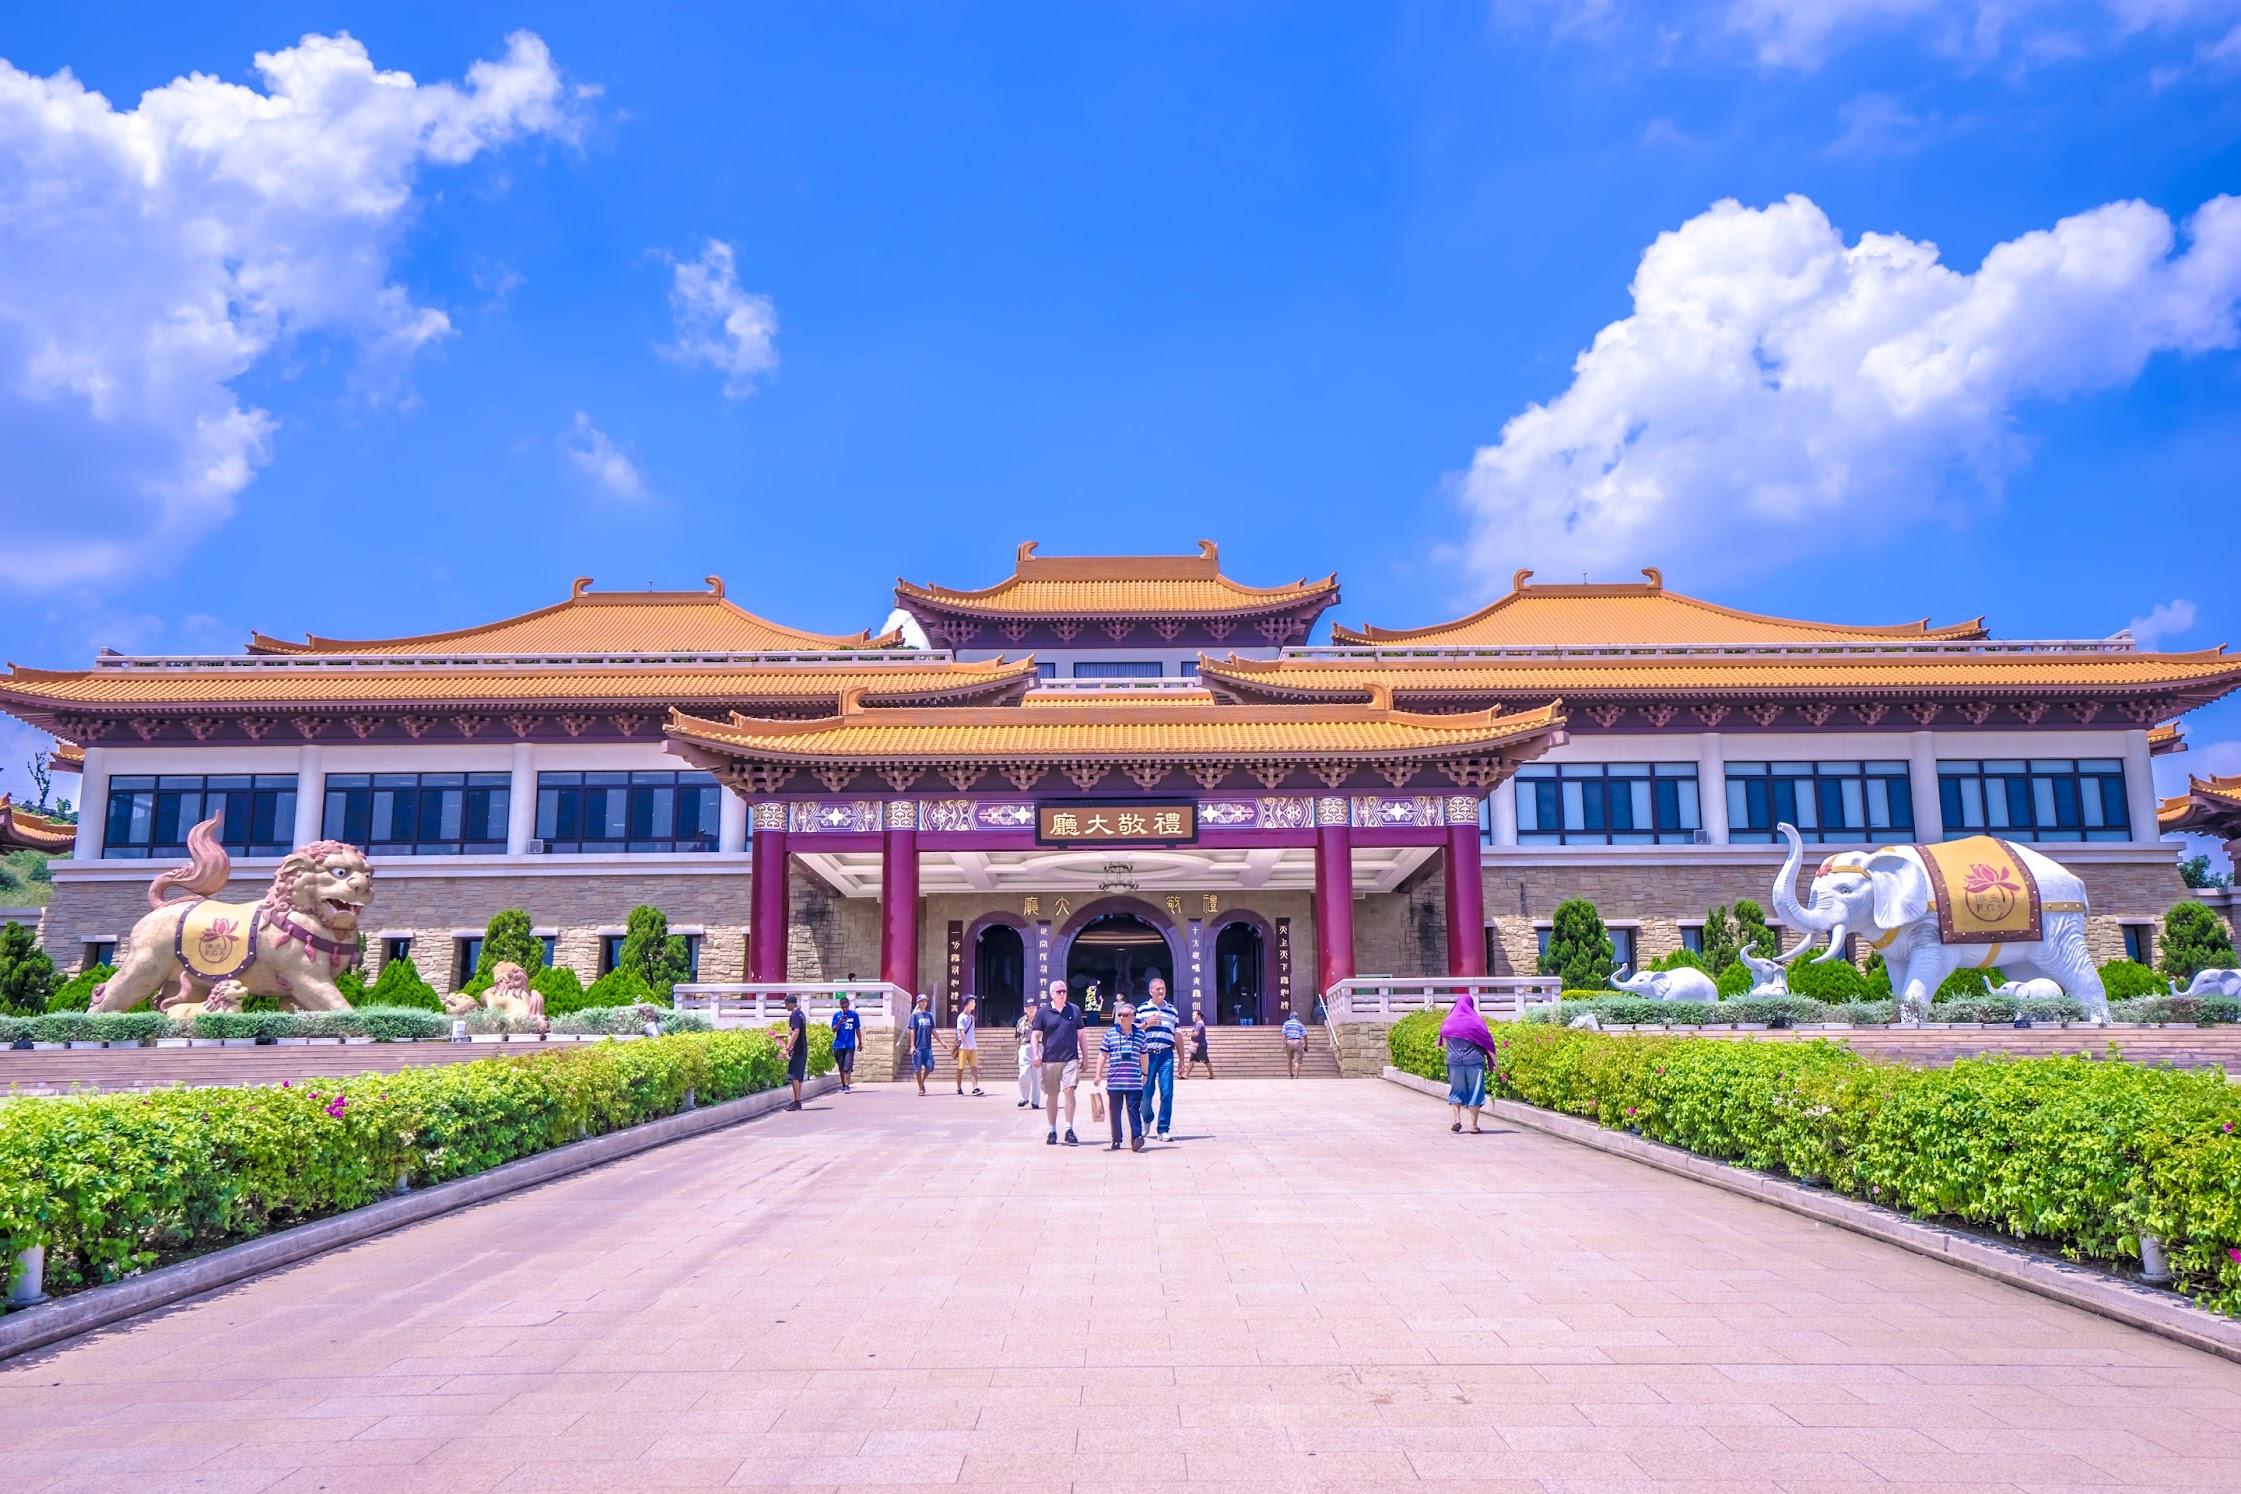 台湾 高雄 佛光山佛陀紀念館2